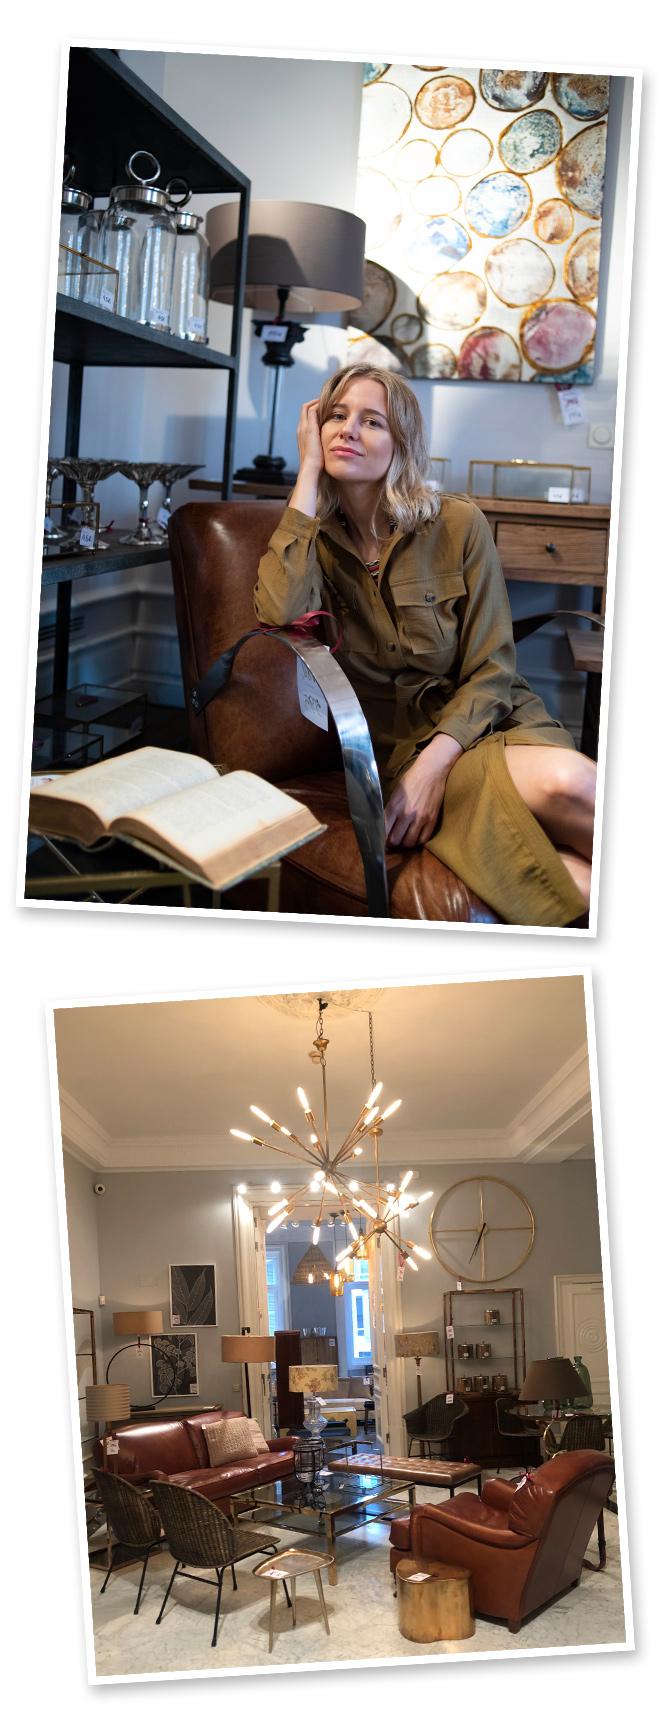 ¿Y qué me decís de las butacas? Son ideales para una tarde de buena lectura, arropada con una manta suave de lana y recostada en un cojín mullido. Y si a todo eso se suma el aroma único de una de las velas de Hanbel, el resultado es directamente el paraíso.